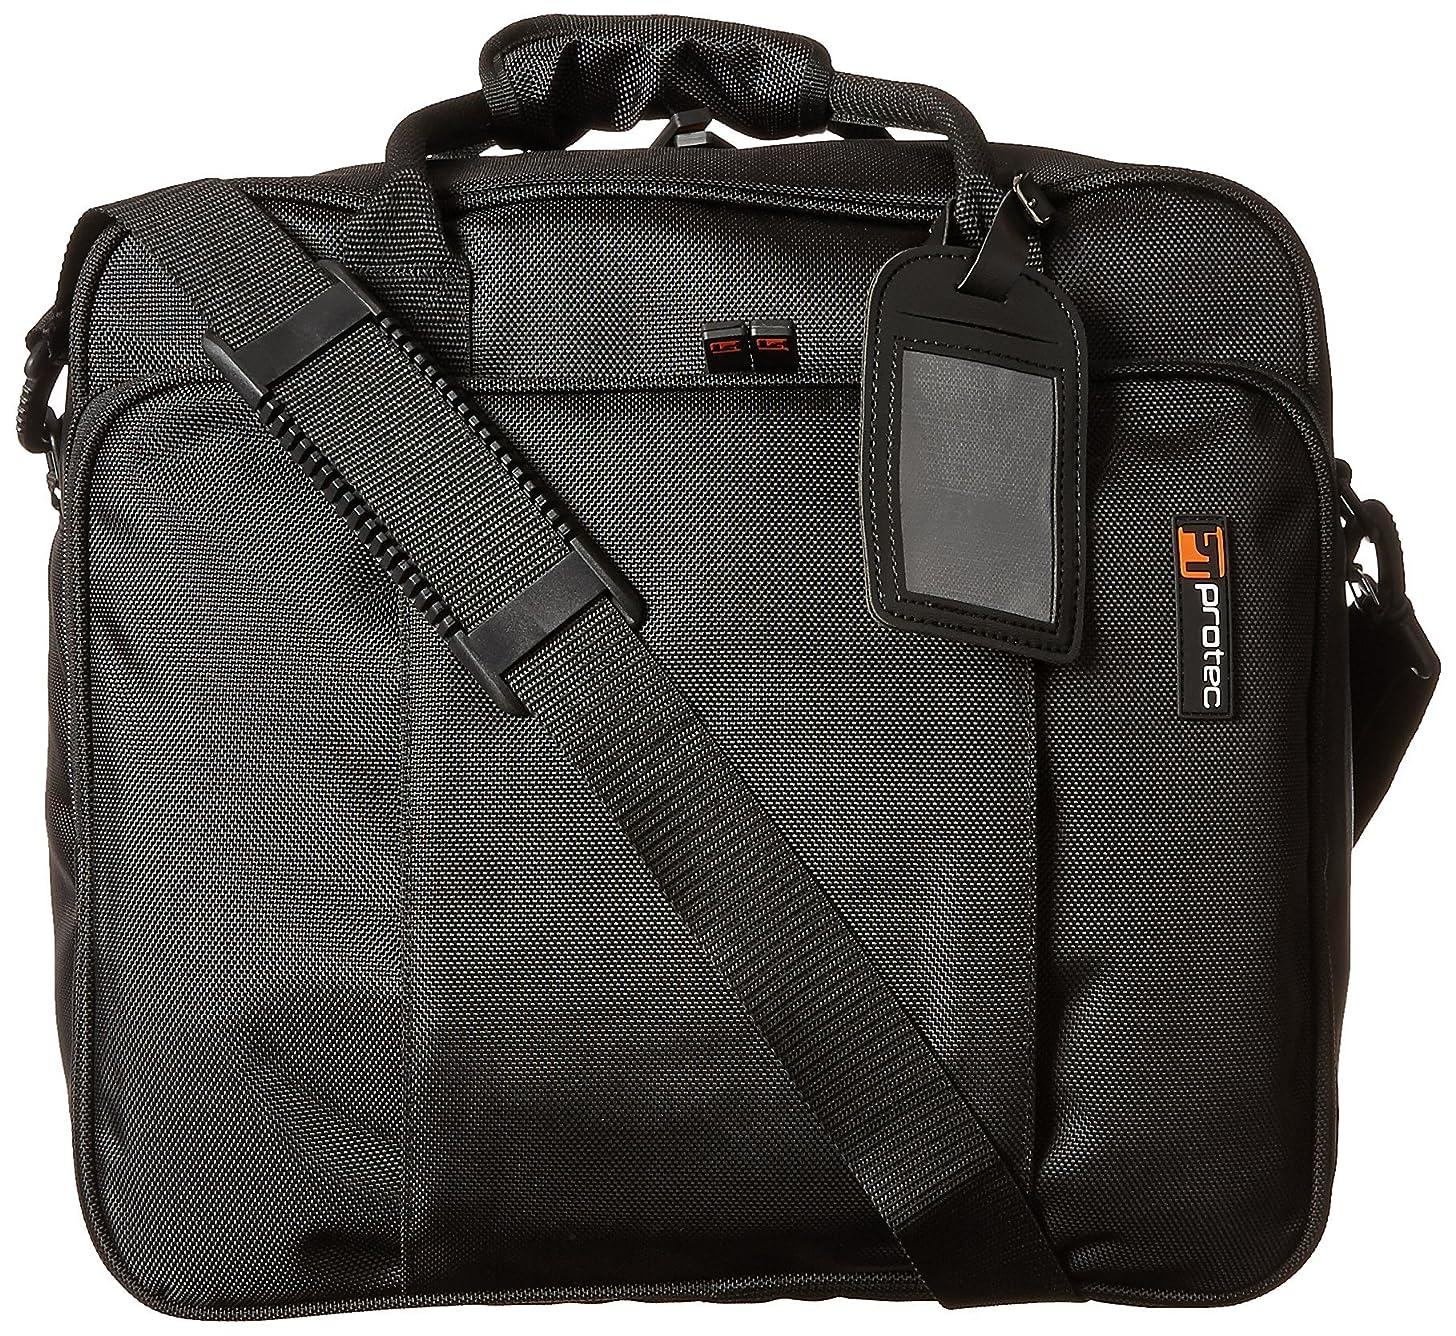 Protec Tenor Trombone Mute Bag with Modular Divider, Model M401